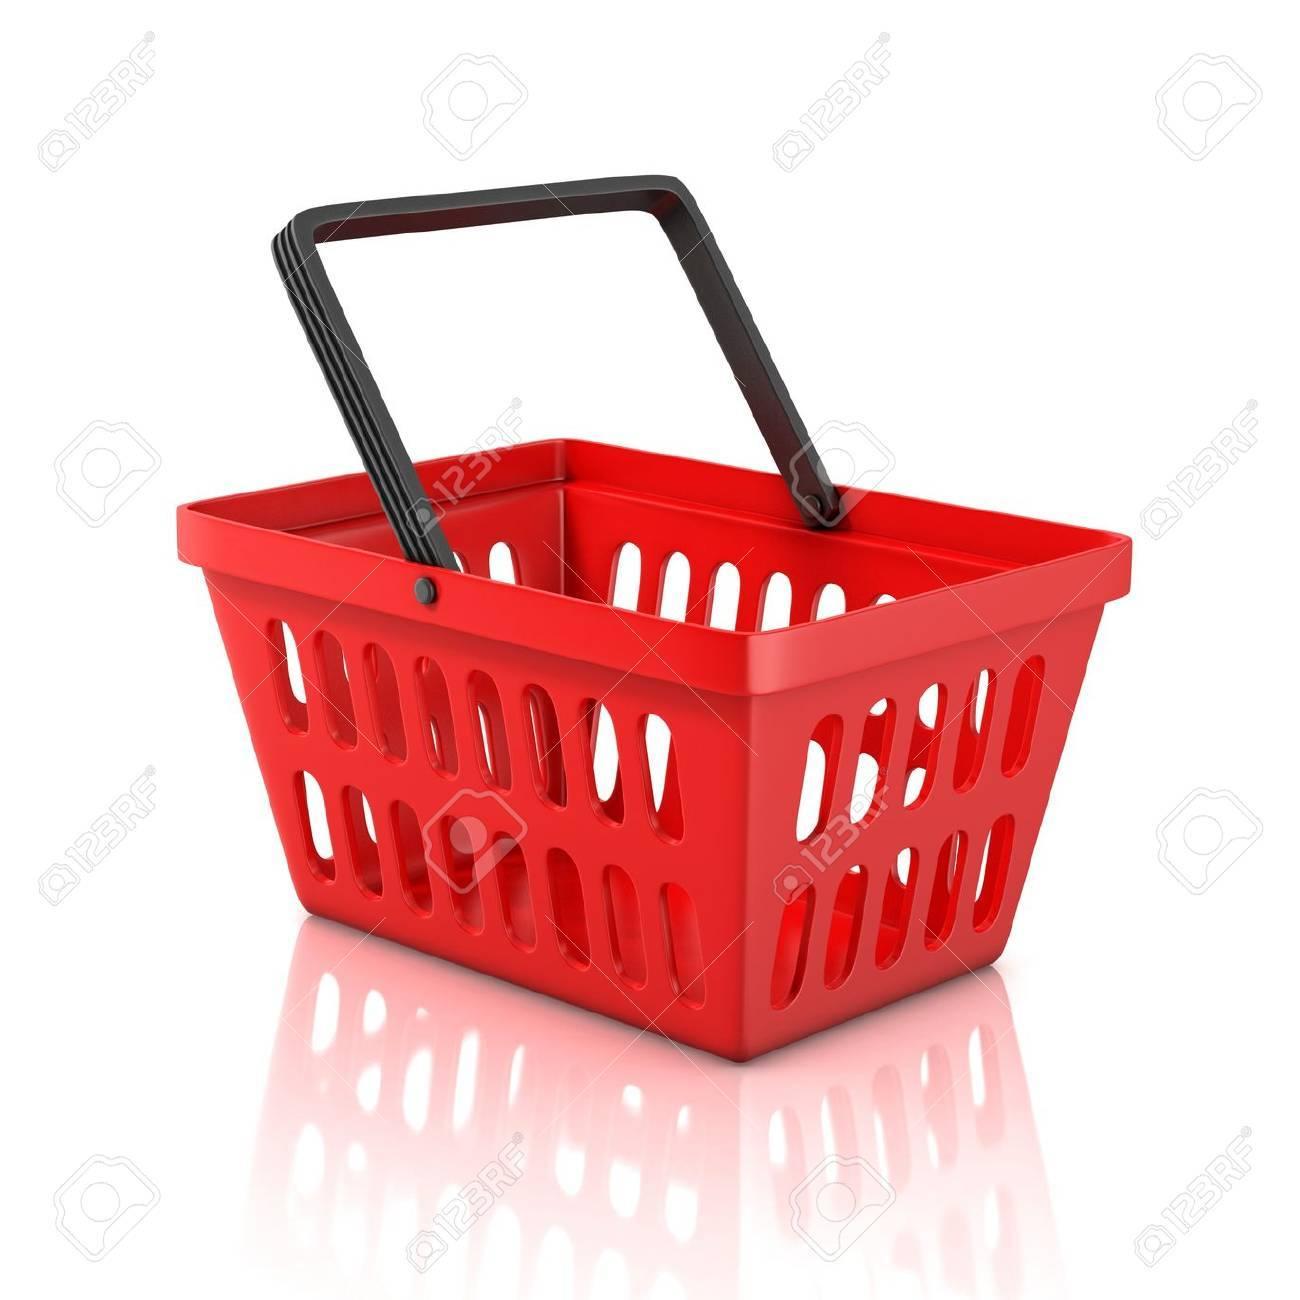 shopping basket isolated on white background Stock Photo - 19776223